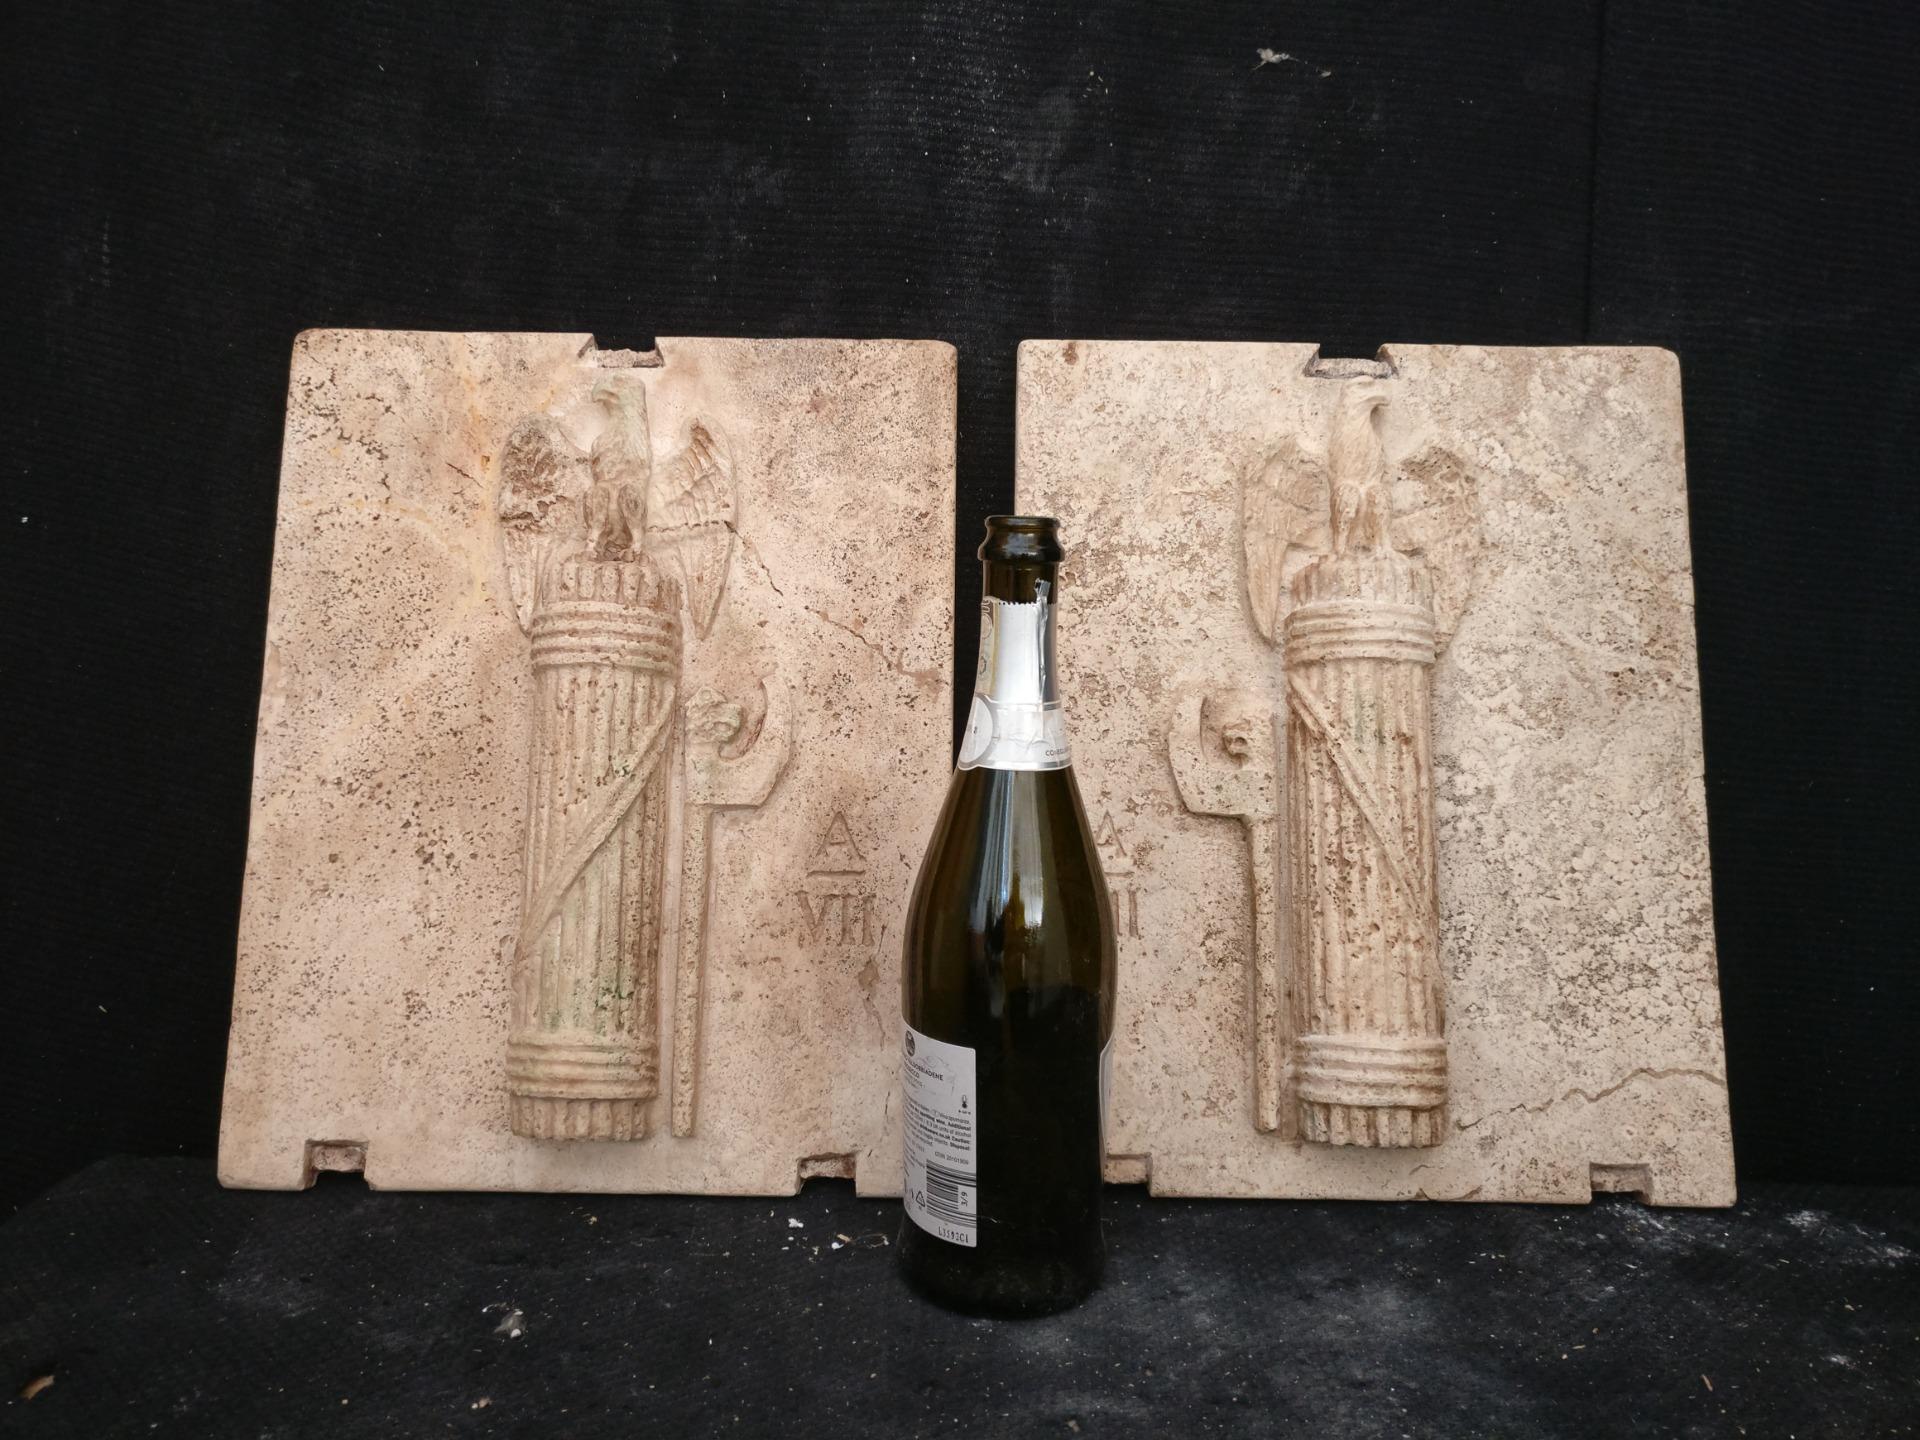 thumb2 Magnifica Coppia di Fasci Littori in Travertino - Stemmi da muro - 32 x 40 cm - Roma - 1927/28